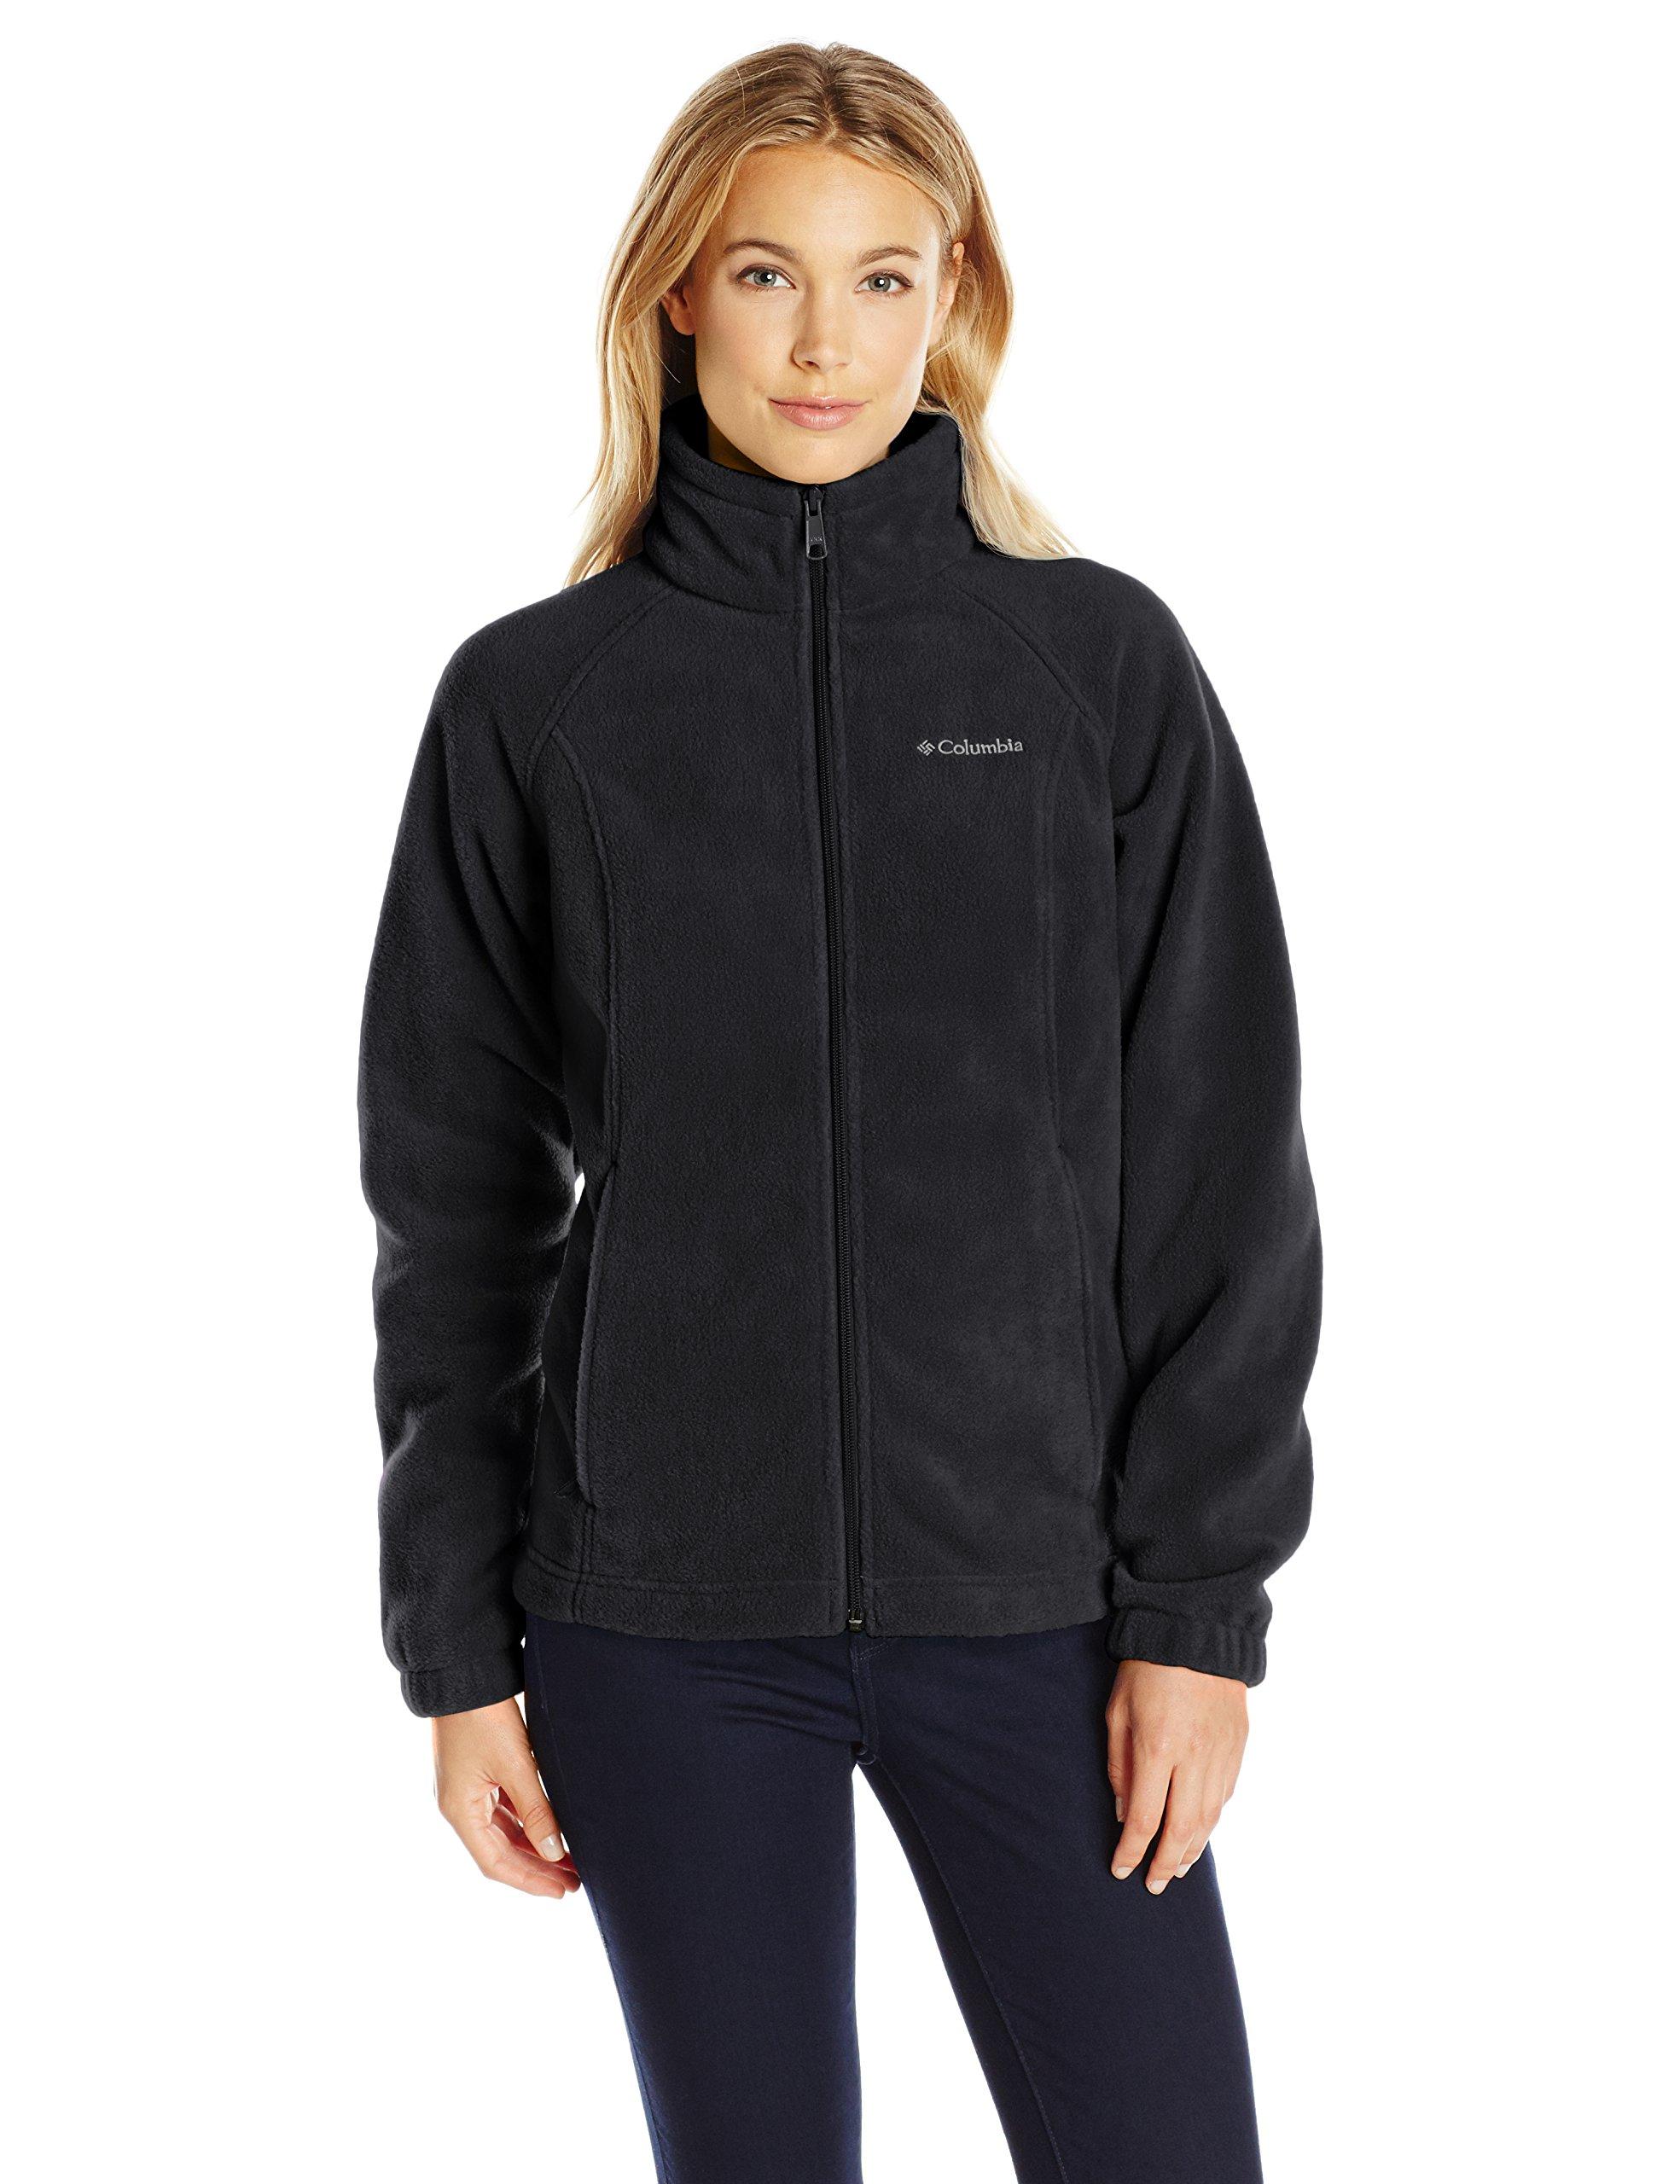 Columbia Women's Petite Benton Springs Full Zip Fleece Jacket - Medium - Black